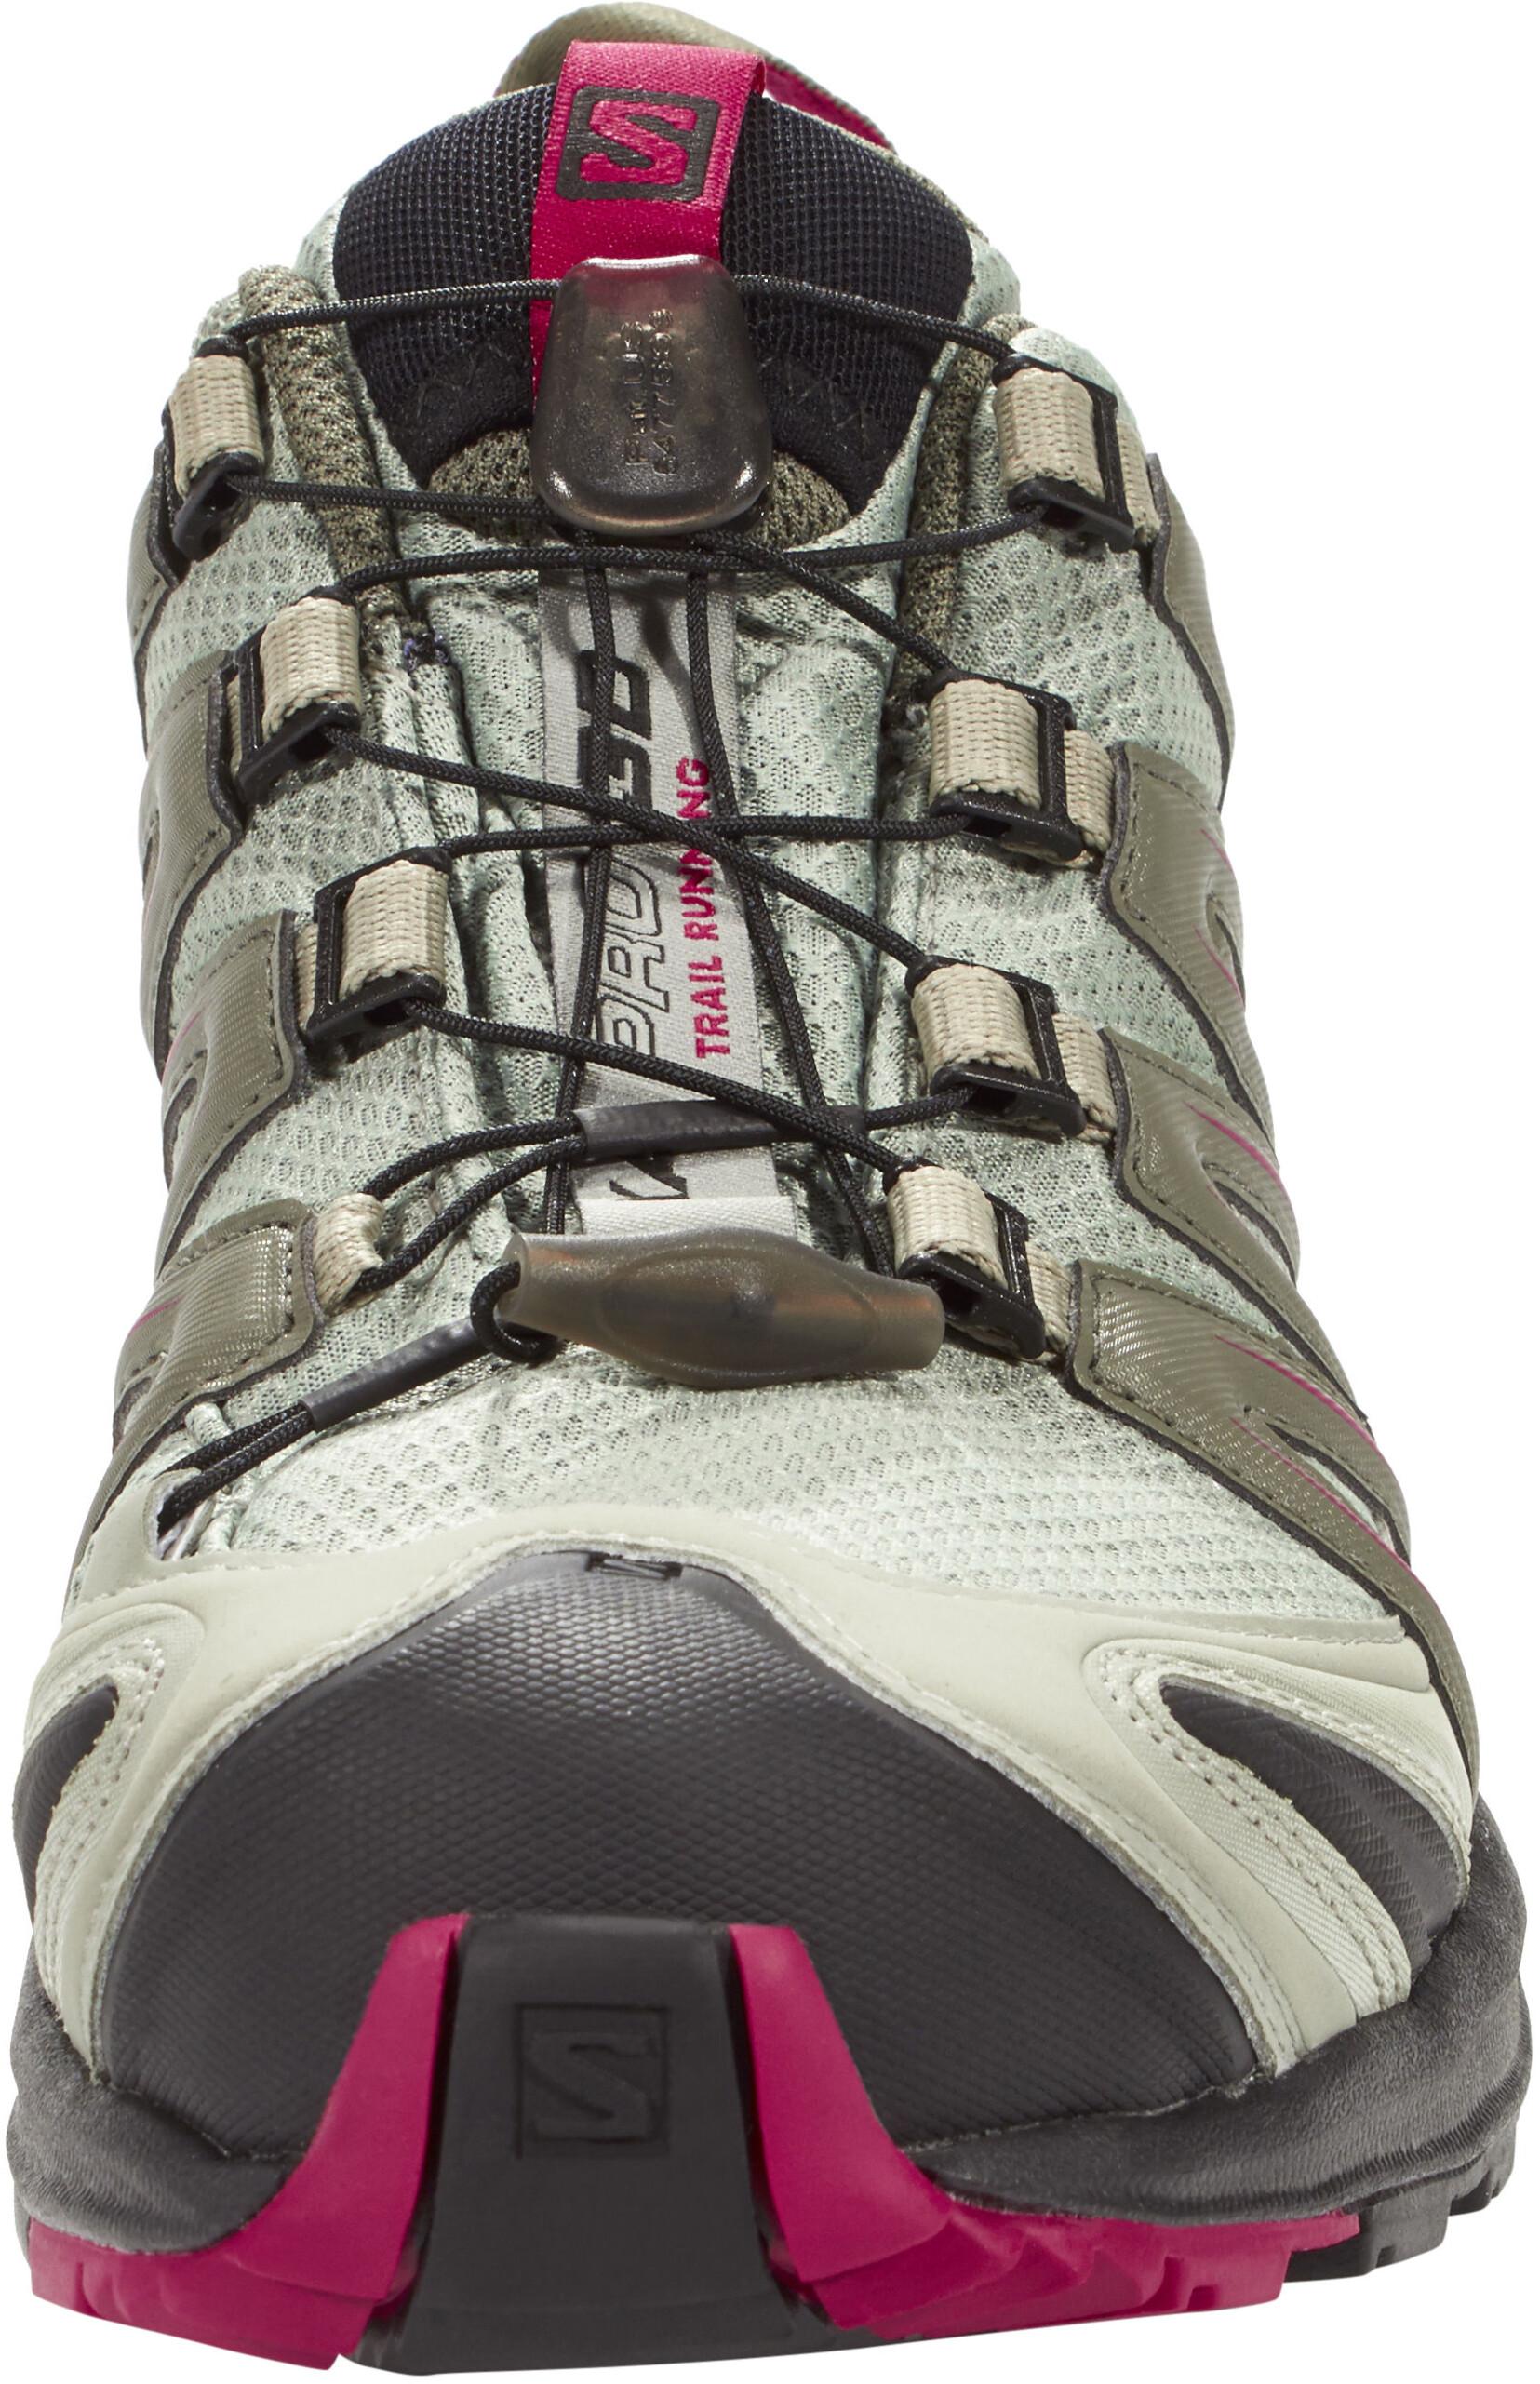 9c4d94386bb Salomon XA Pro 3D GTX - Chaussures running Femme - gris sur CAMPZ !